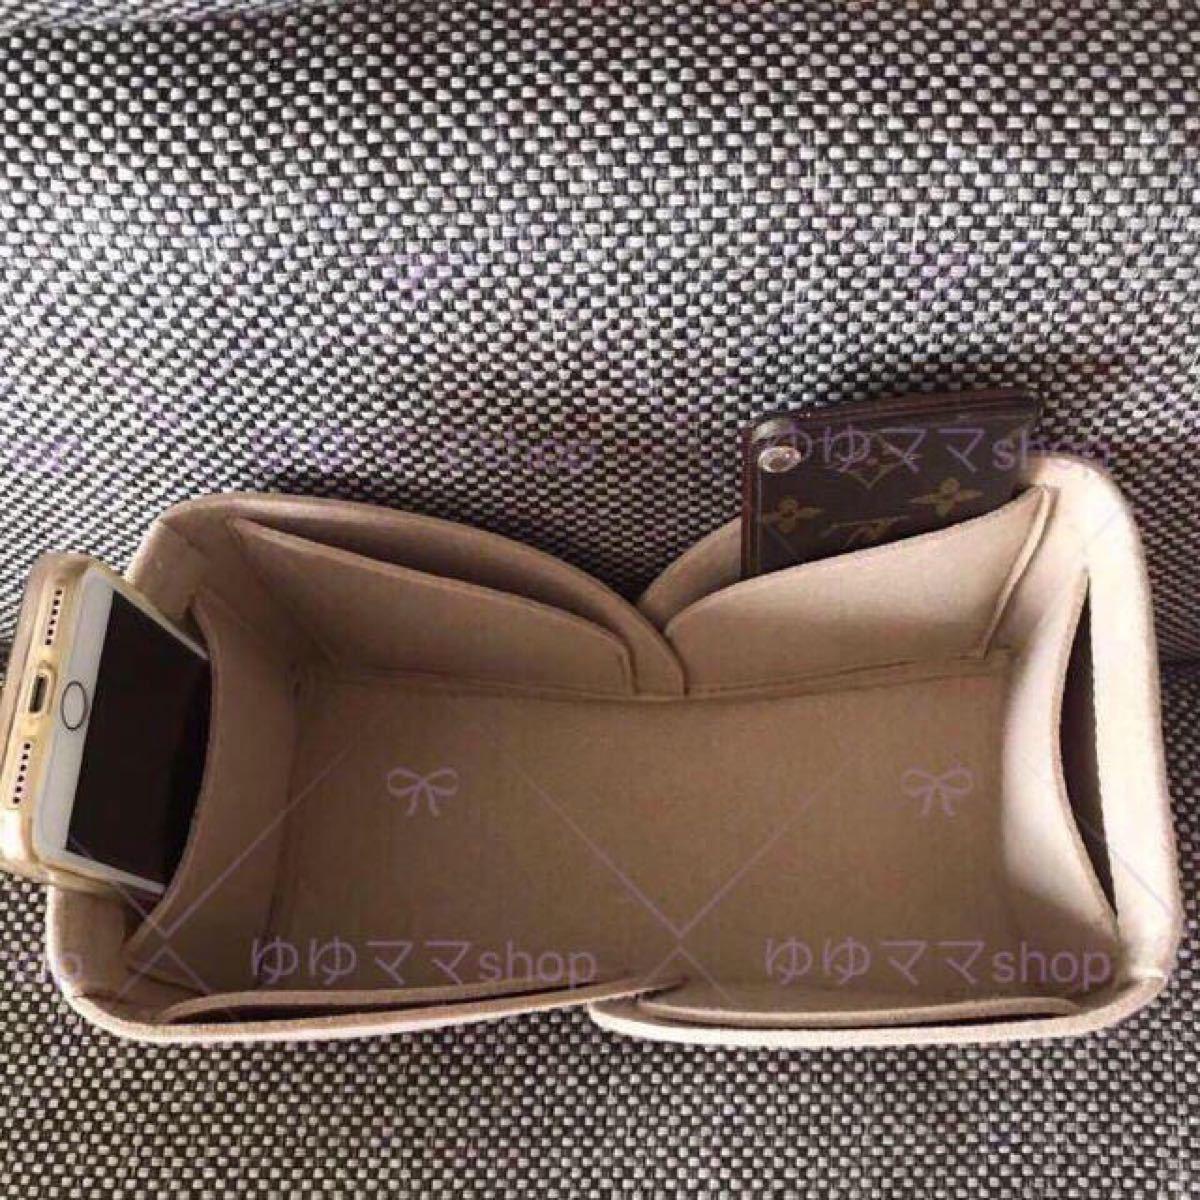 新品バッグインバッグ インナーバッグ ベージュ色 リンディ26cm用